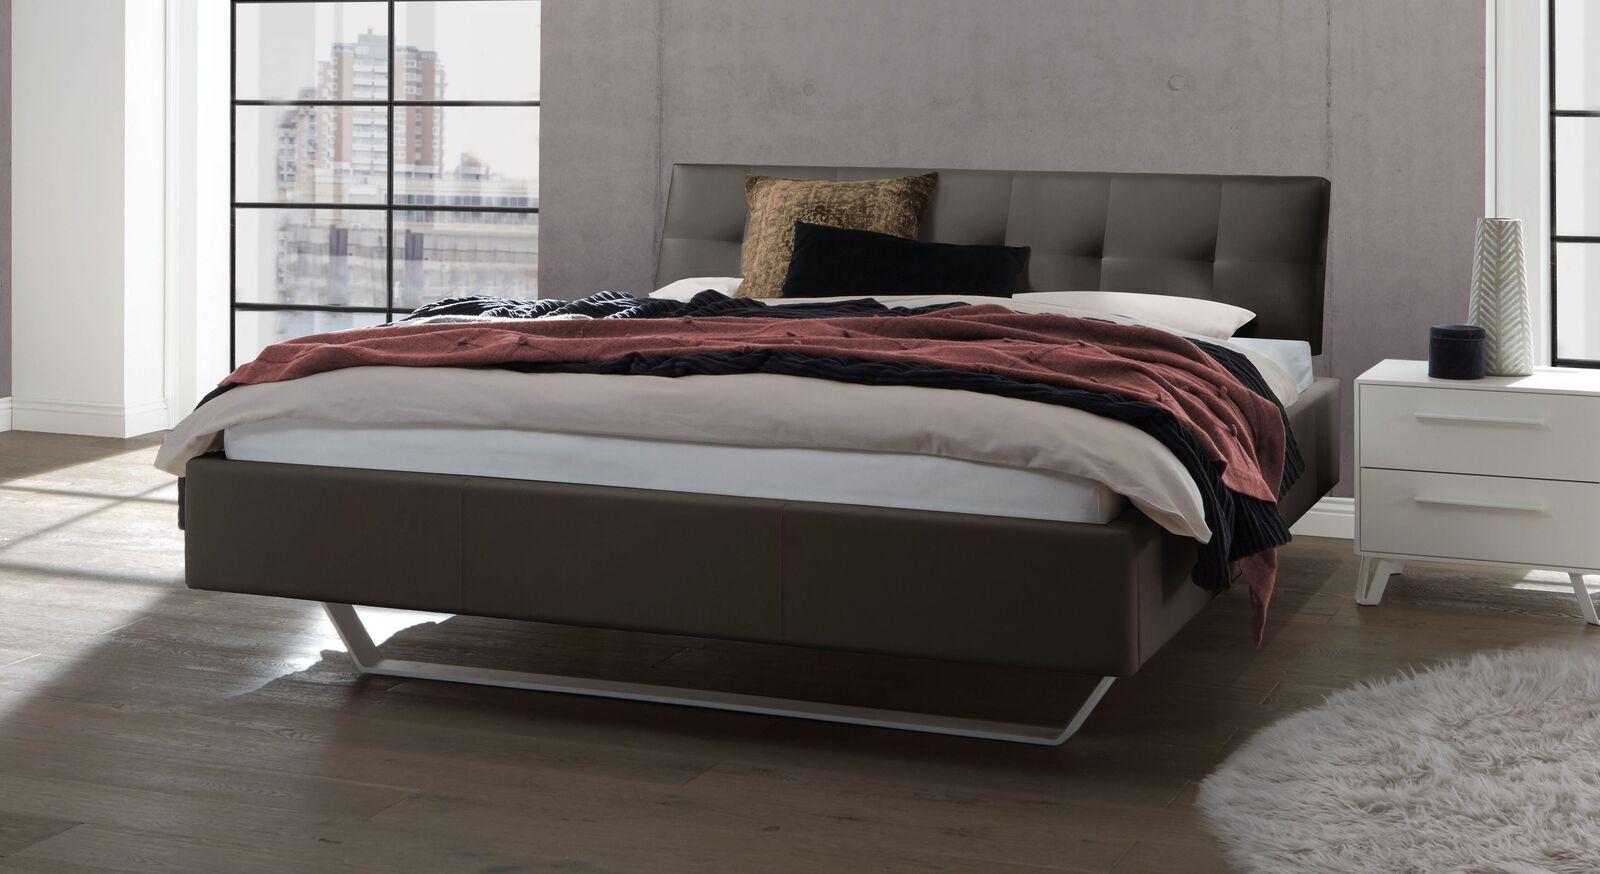 Bett Liene aus Echtleder in Dunkelgrau